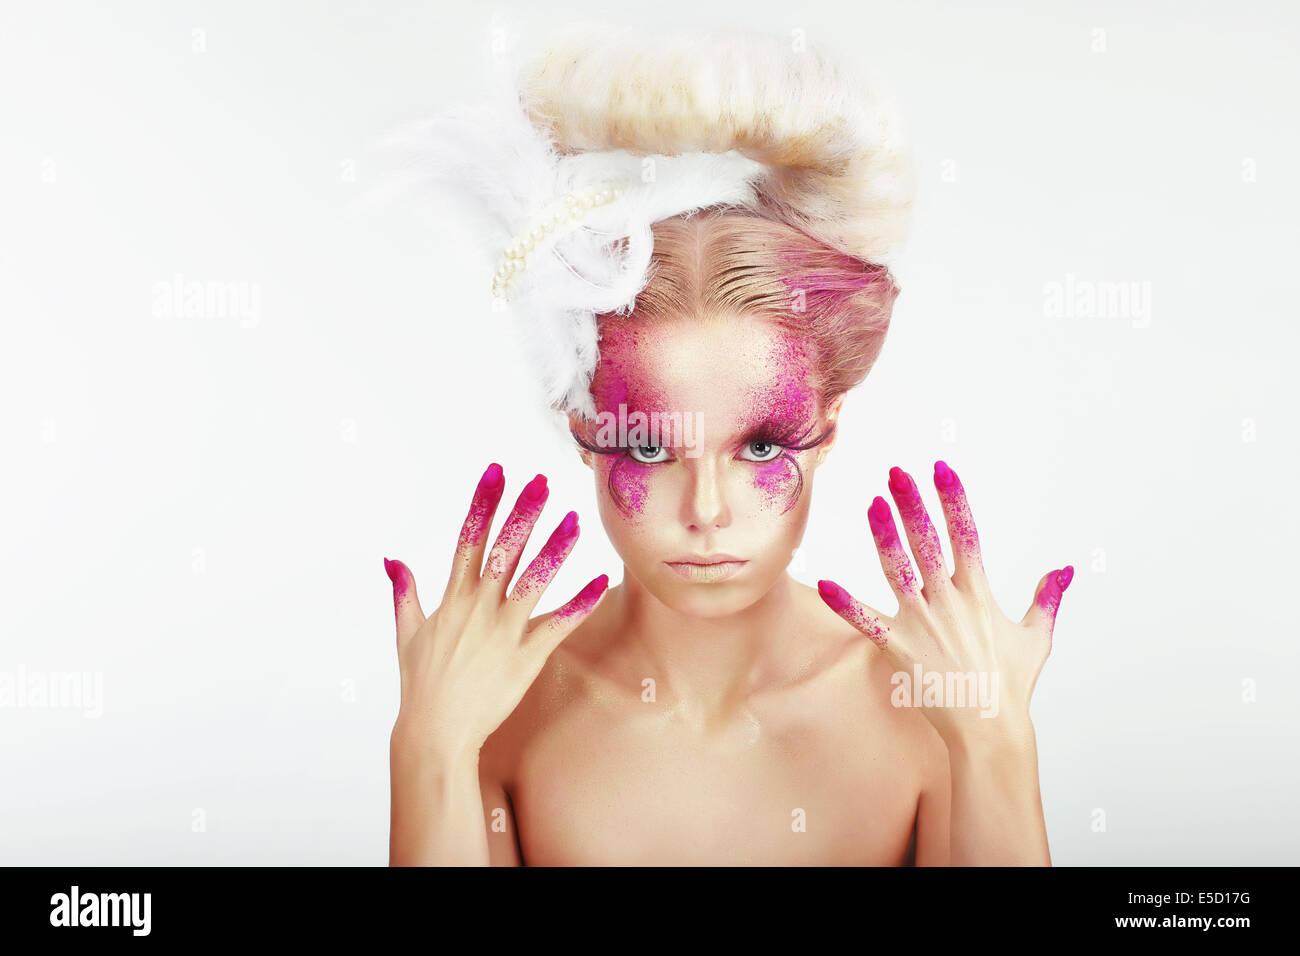 Trucco creativo. Outre donna faccia chiazzato e colorate le unghie Immagini Stock